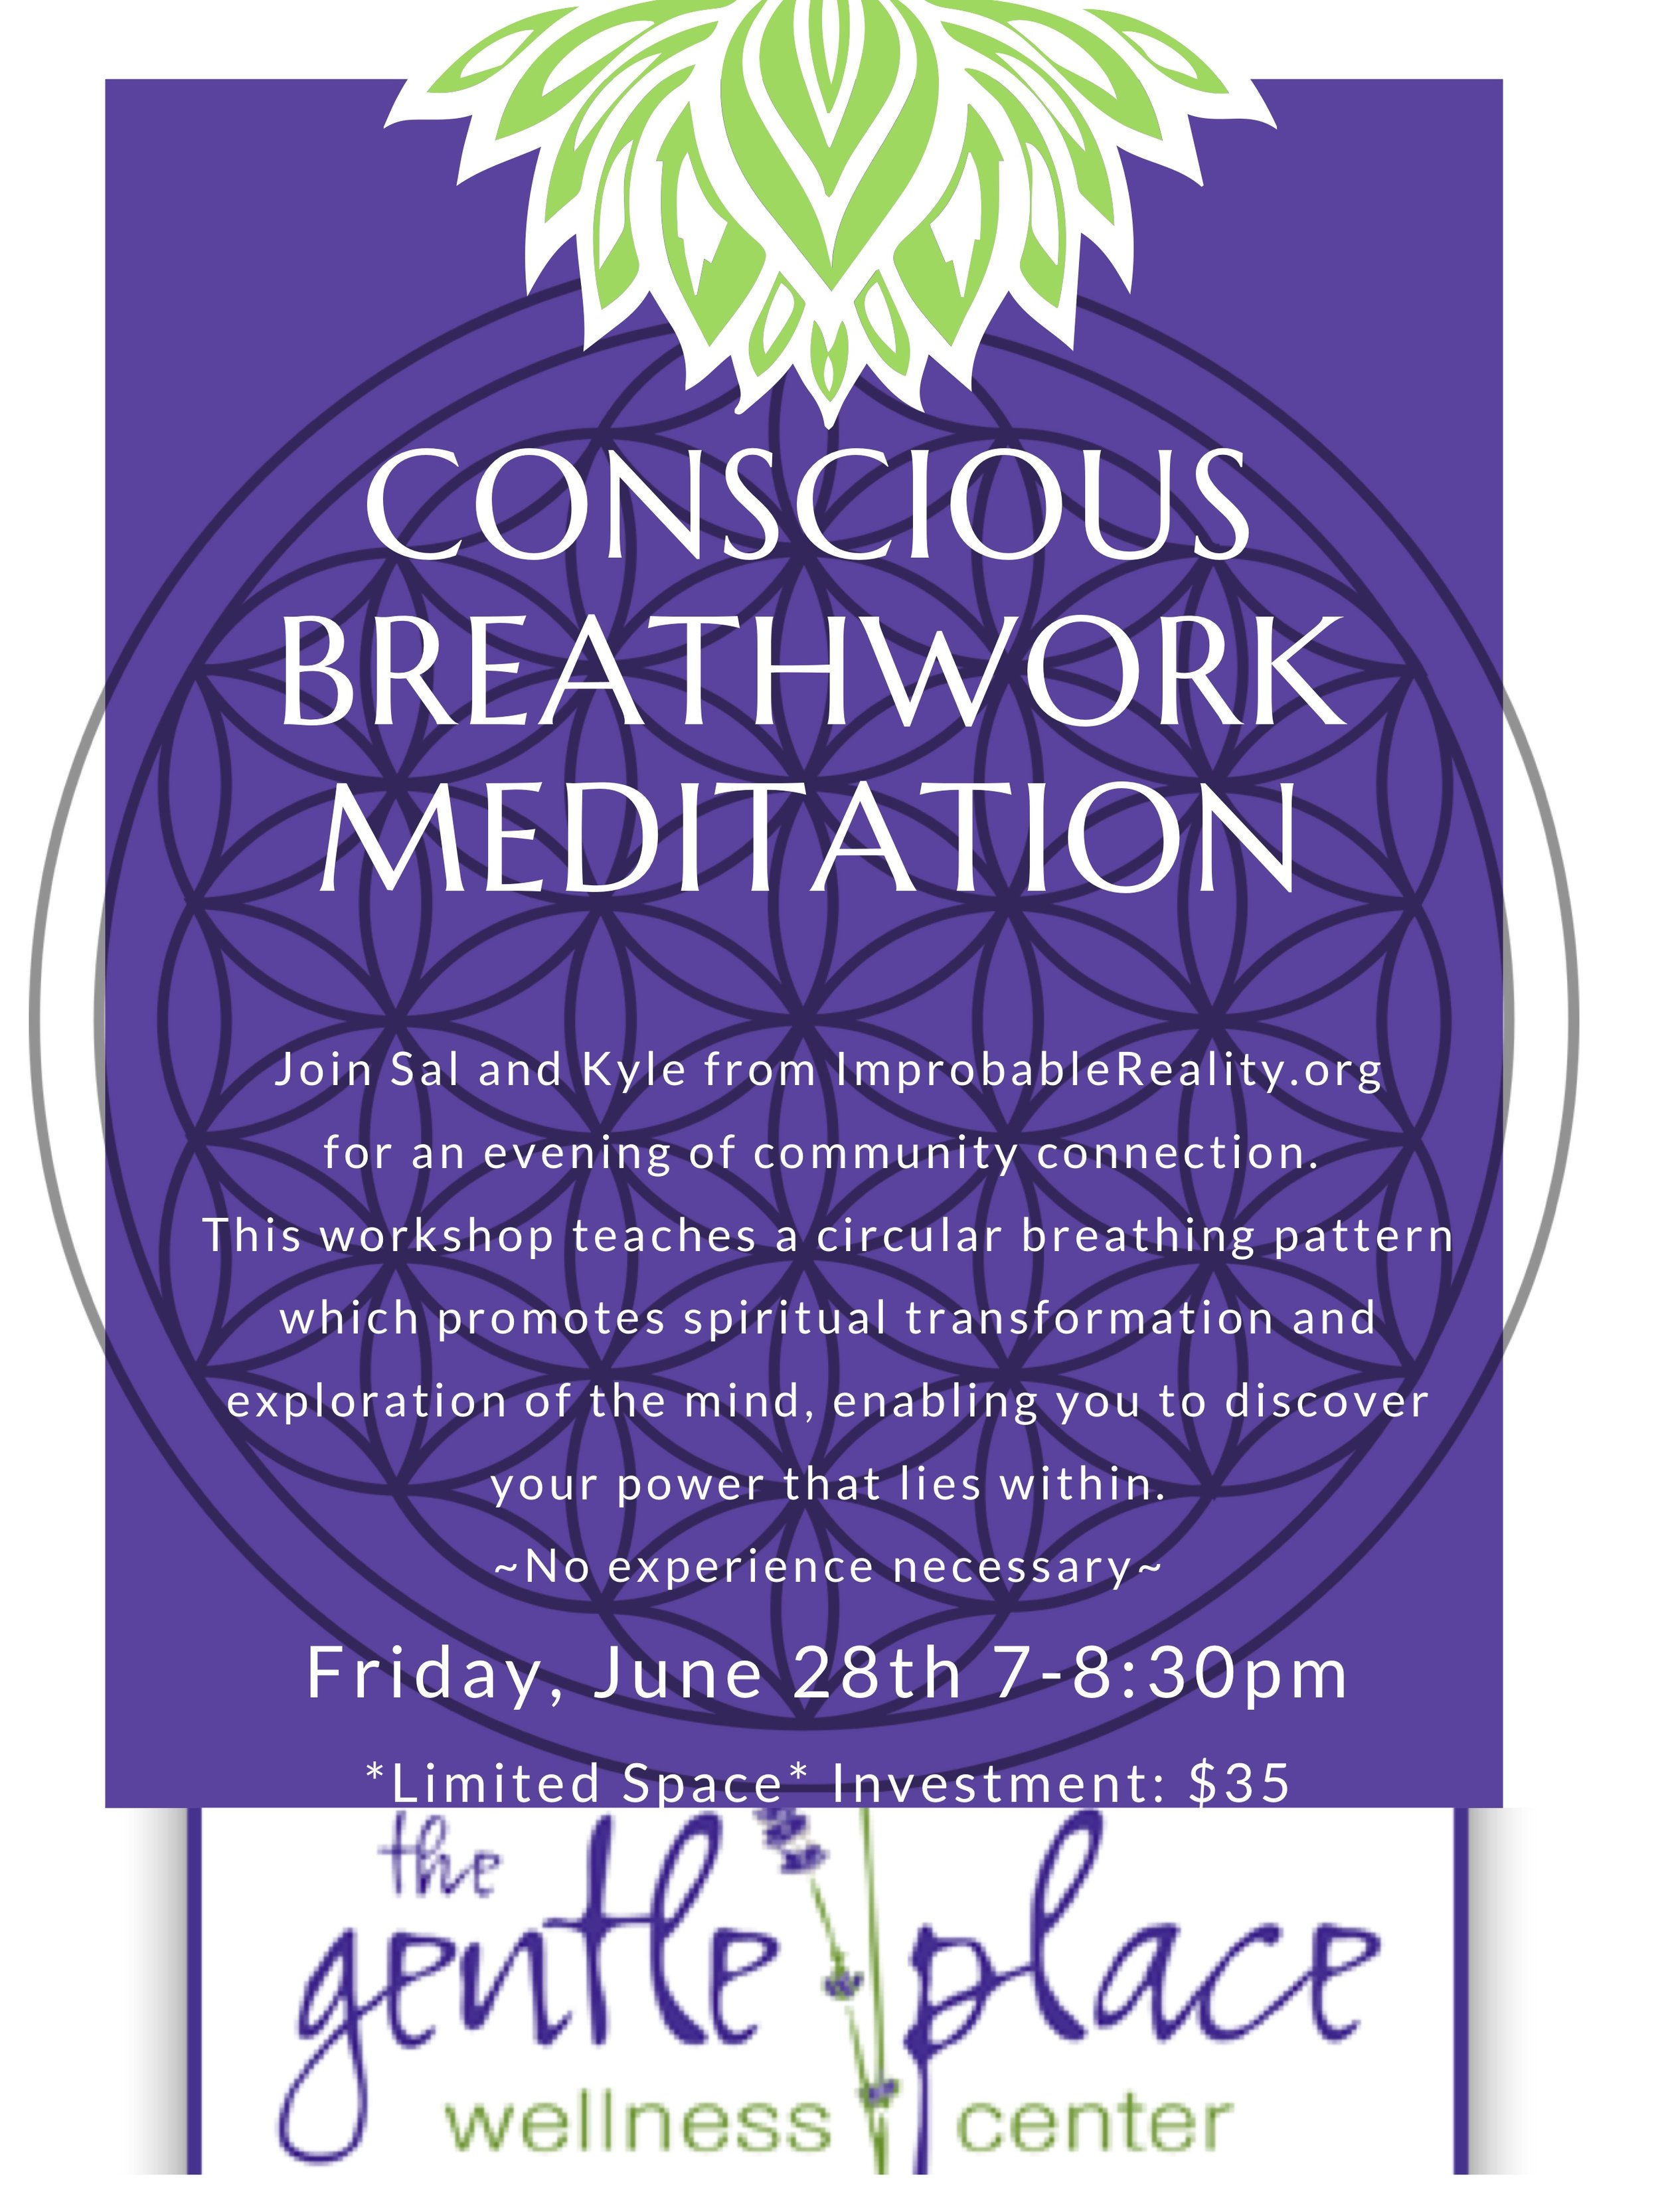 Breathwork Meditation Class Framingham Massachusetts